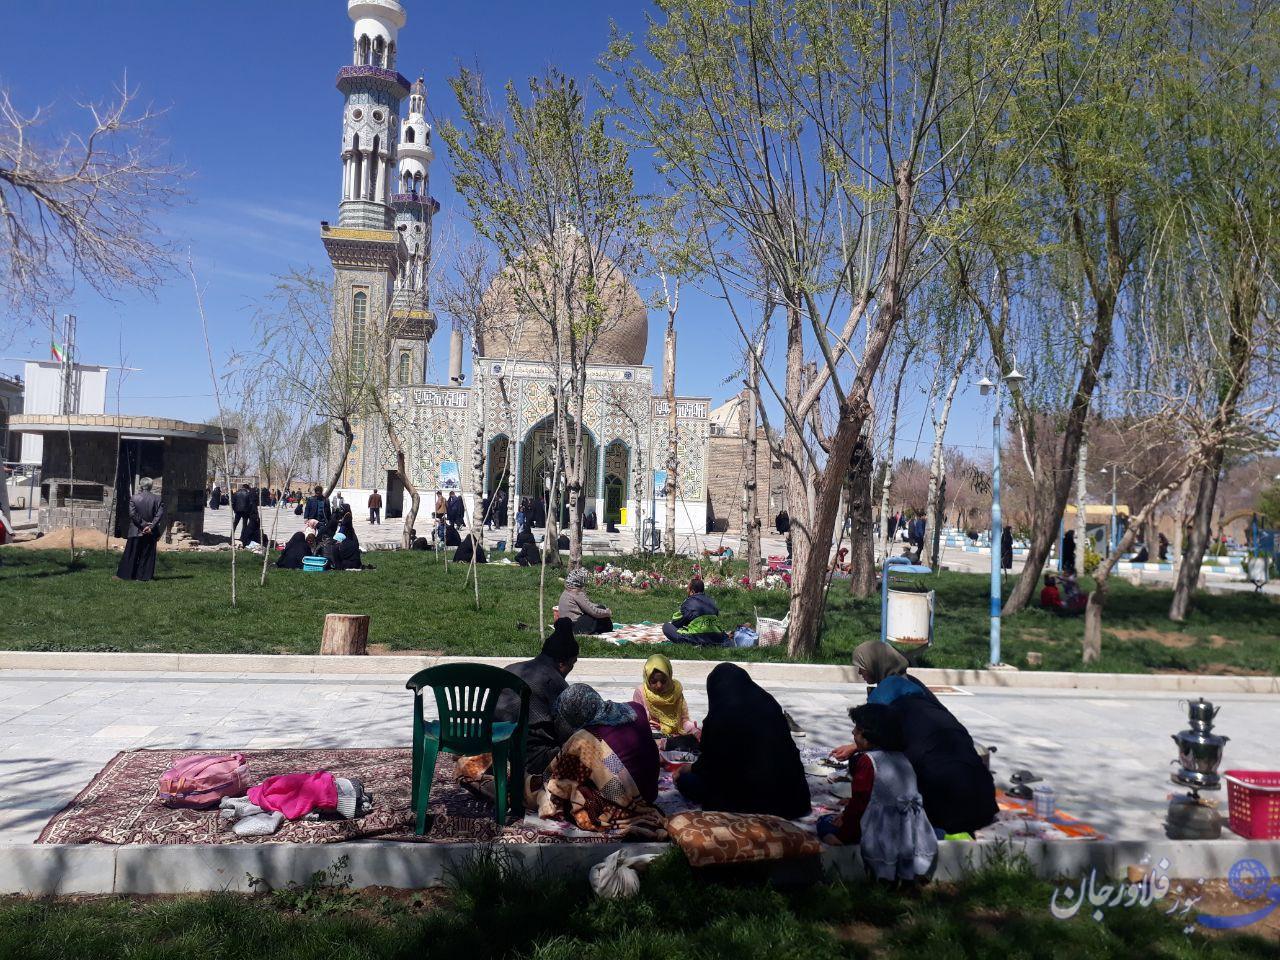 روز طبیعت در جوار آستان مقدس امامزاده سید محمد (ع) قهدریجان